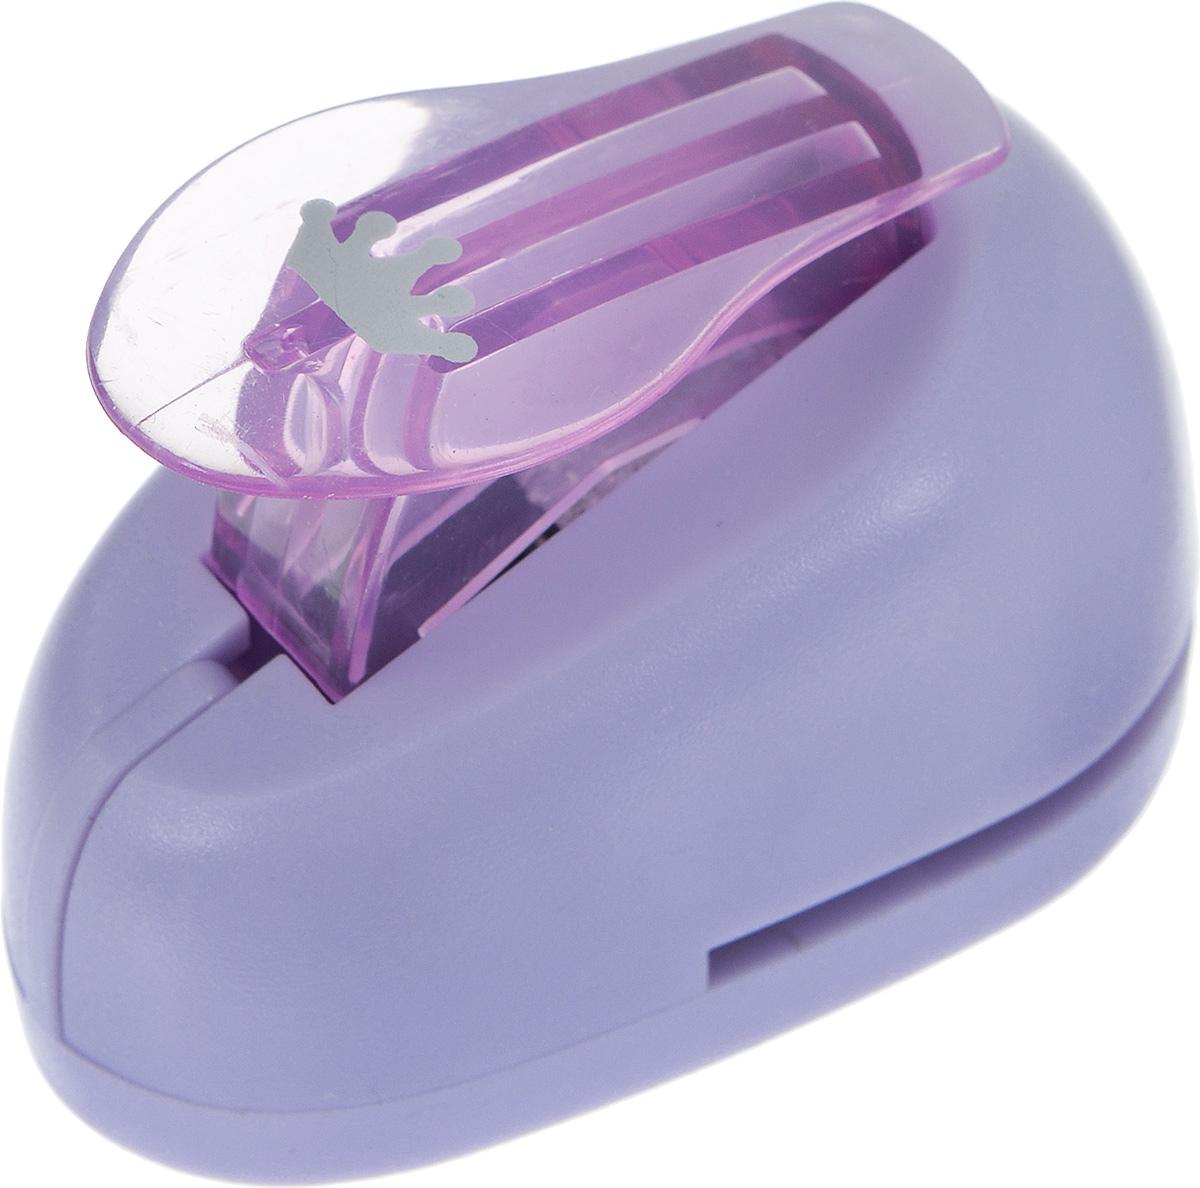 Дырокол фигурный Hobbyboom Корона, №241, цвет: фиолетовый, 1 смCD-99XS-241_фиолетовыйДырокол фигурный Hobbyboom Корона, выполненный из прочного пластика и металла, используется в скрапбукинге для украшения открыток, карточек, коробочек и прочего.Применяется для прорезания фигурных отверстий в бумаге. Вырезанный элемент также можно использовать для украшения.Предназначен для бумаги плотностью от 80 до 200 г/м2. При применении на бумаге большей плотности или на картоне, дырокол быстро затупится. Чтобы заточить нож компостера, нужно прокомпостировать самую тонкую наждачку. Размер готовой фигурки: 1 см х 0,6 см.